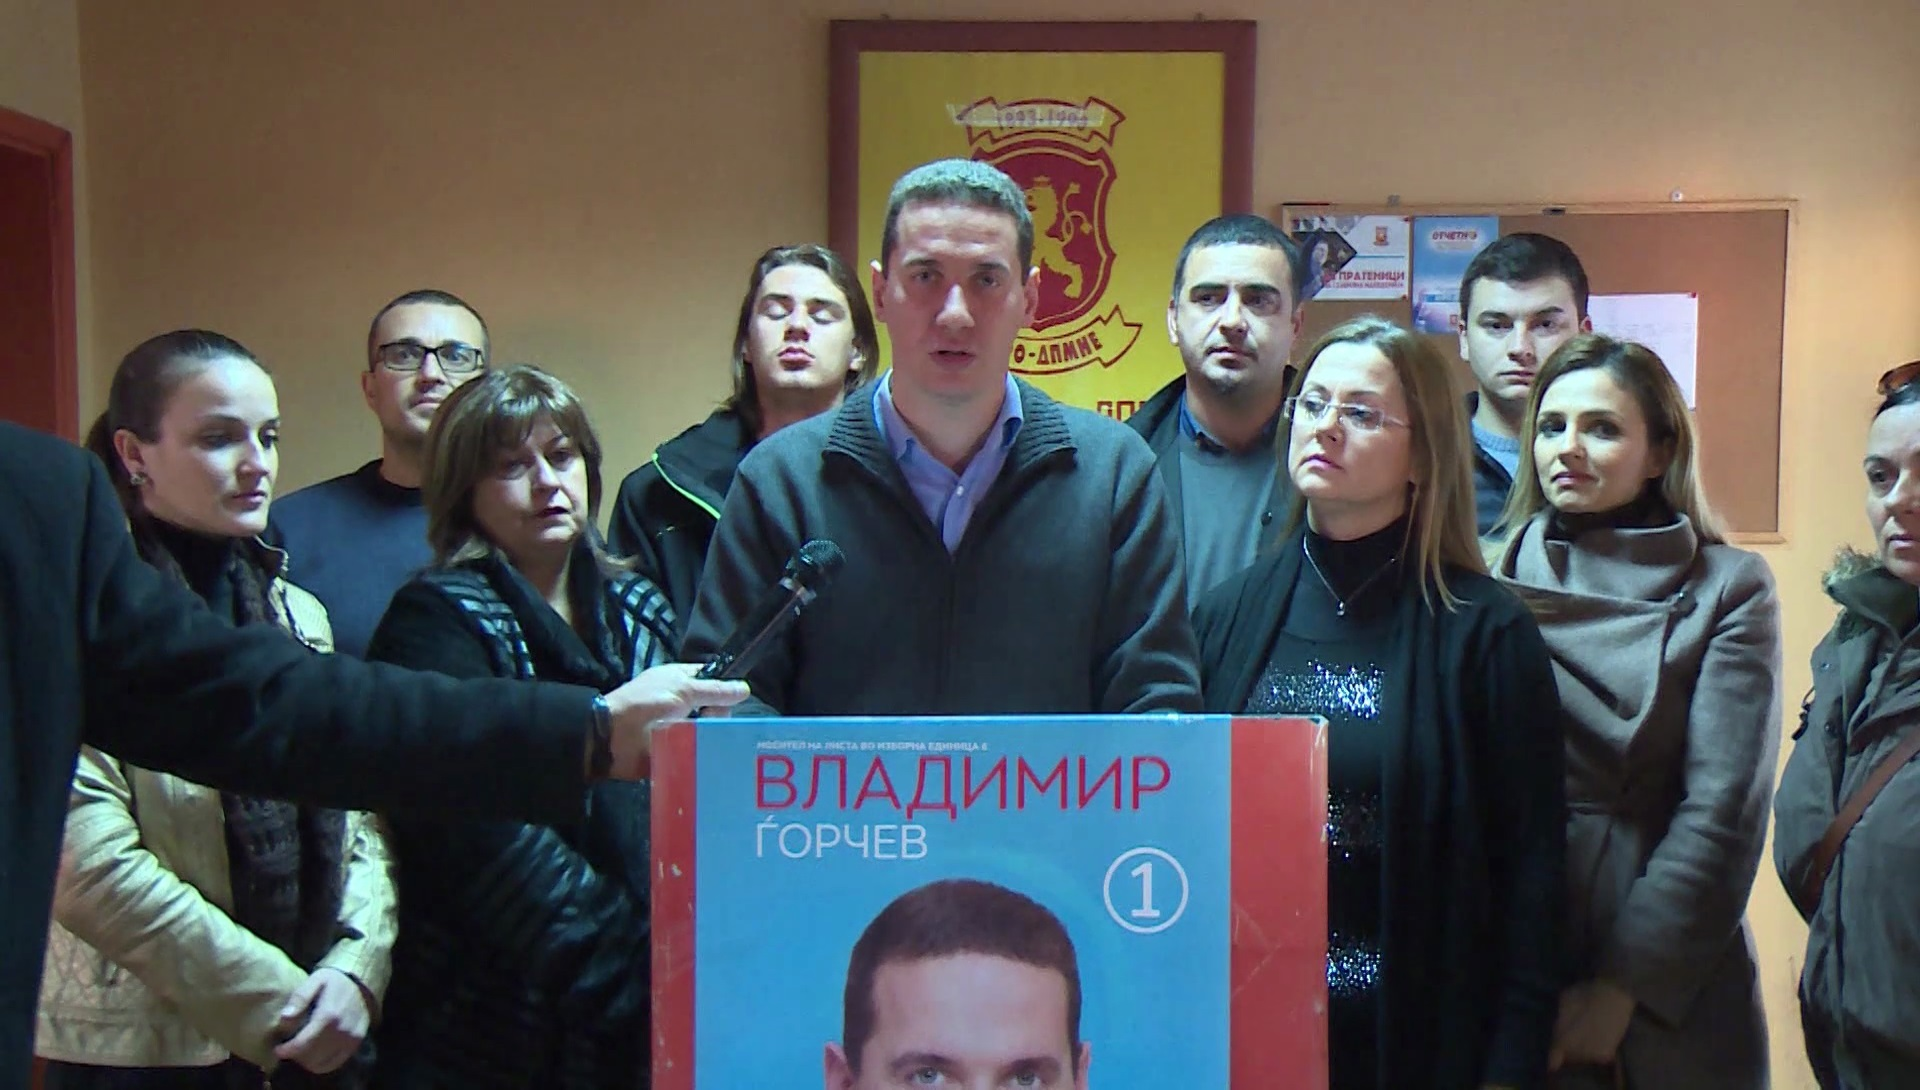 Ѓорчев: ВМРО- ДПМНЕ има 37 проекти за Гостивар, СДСМ одвај 7 кои не се конкретни